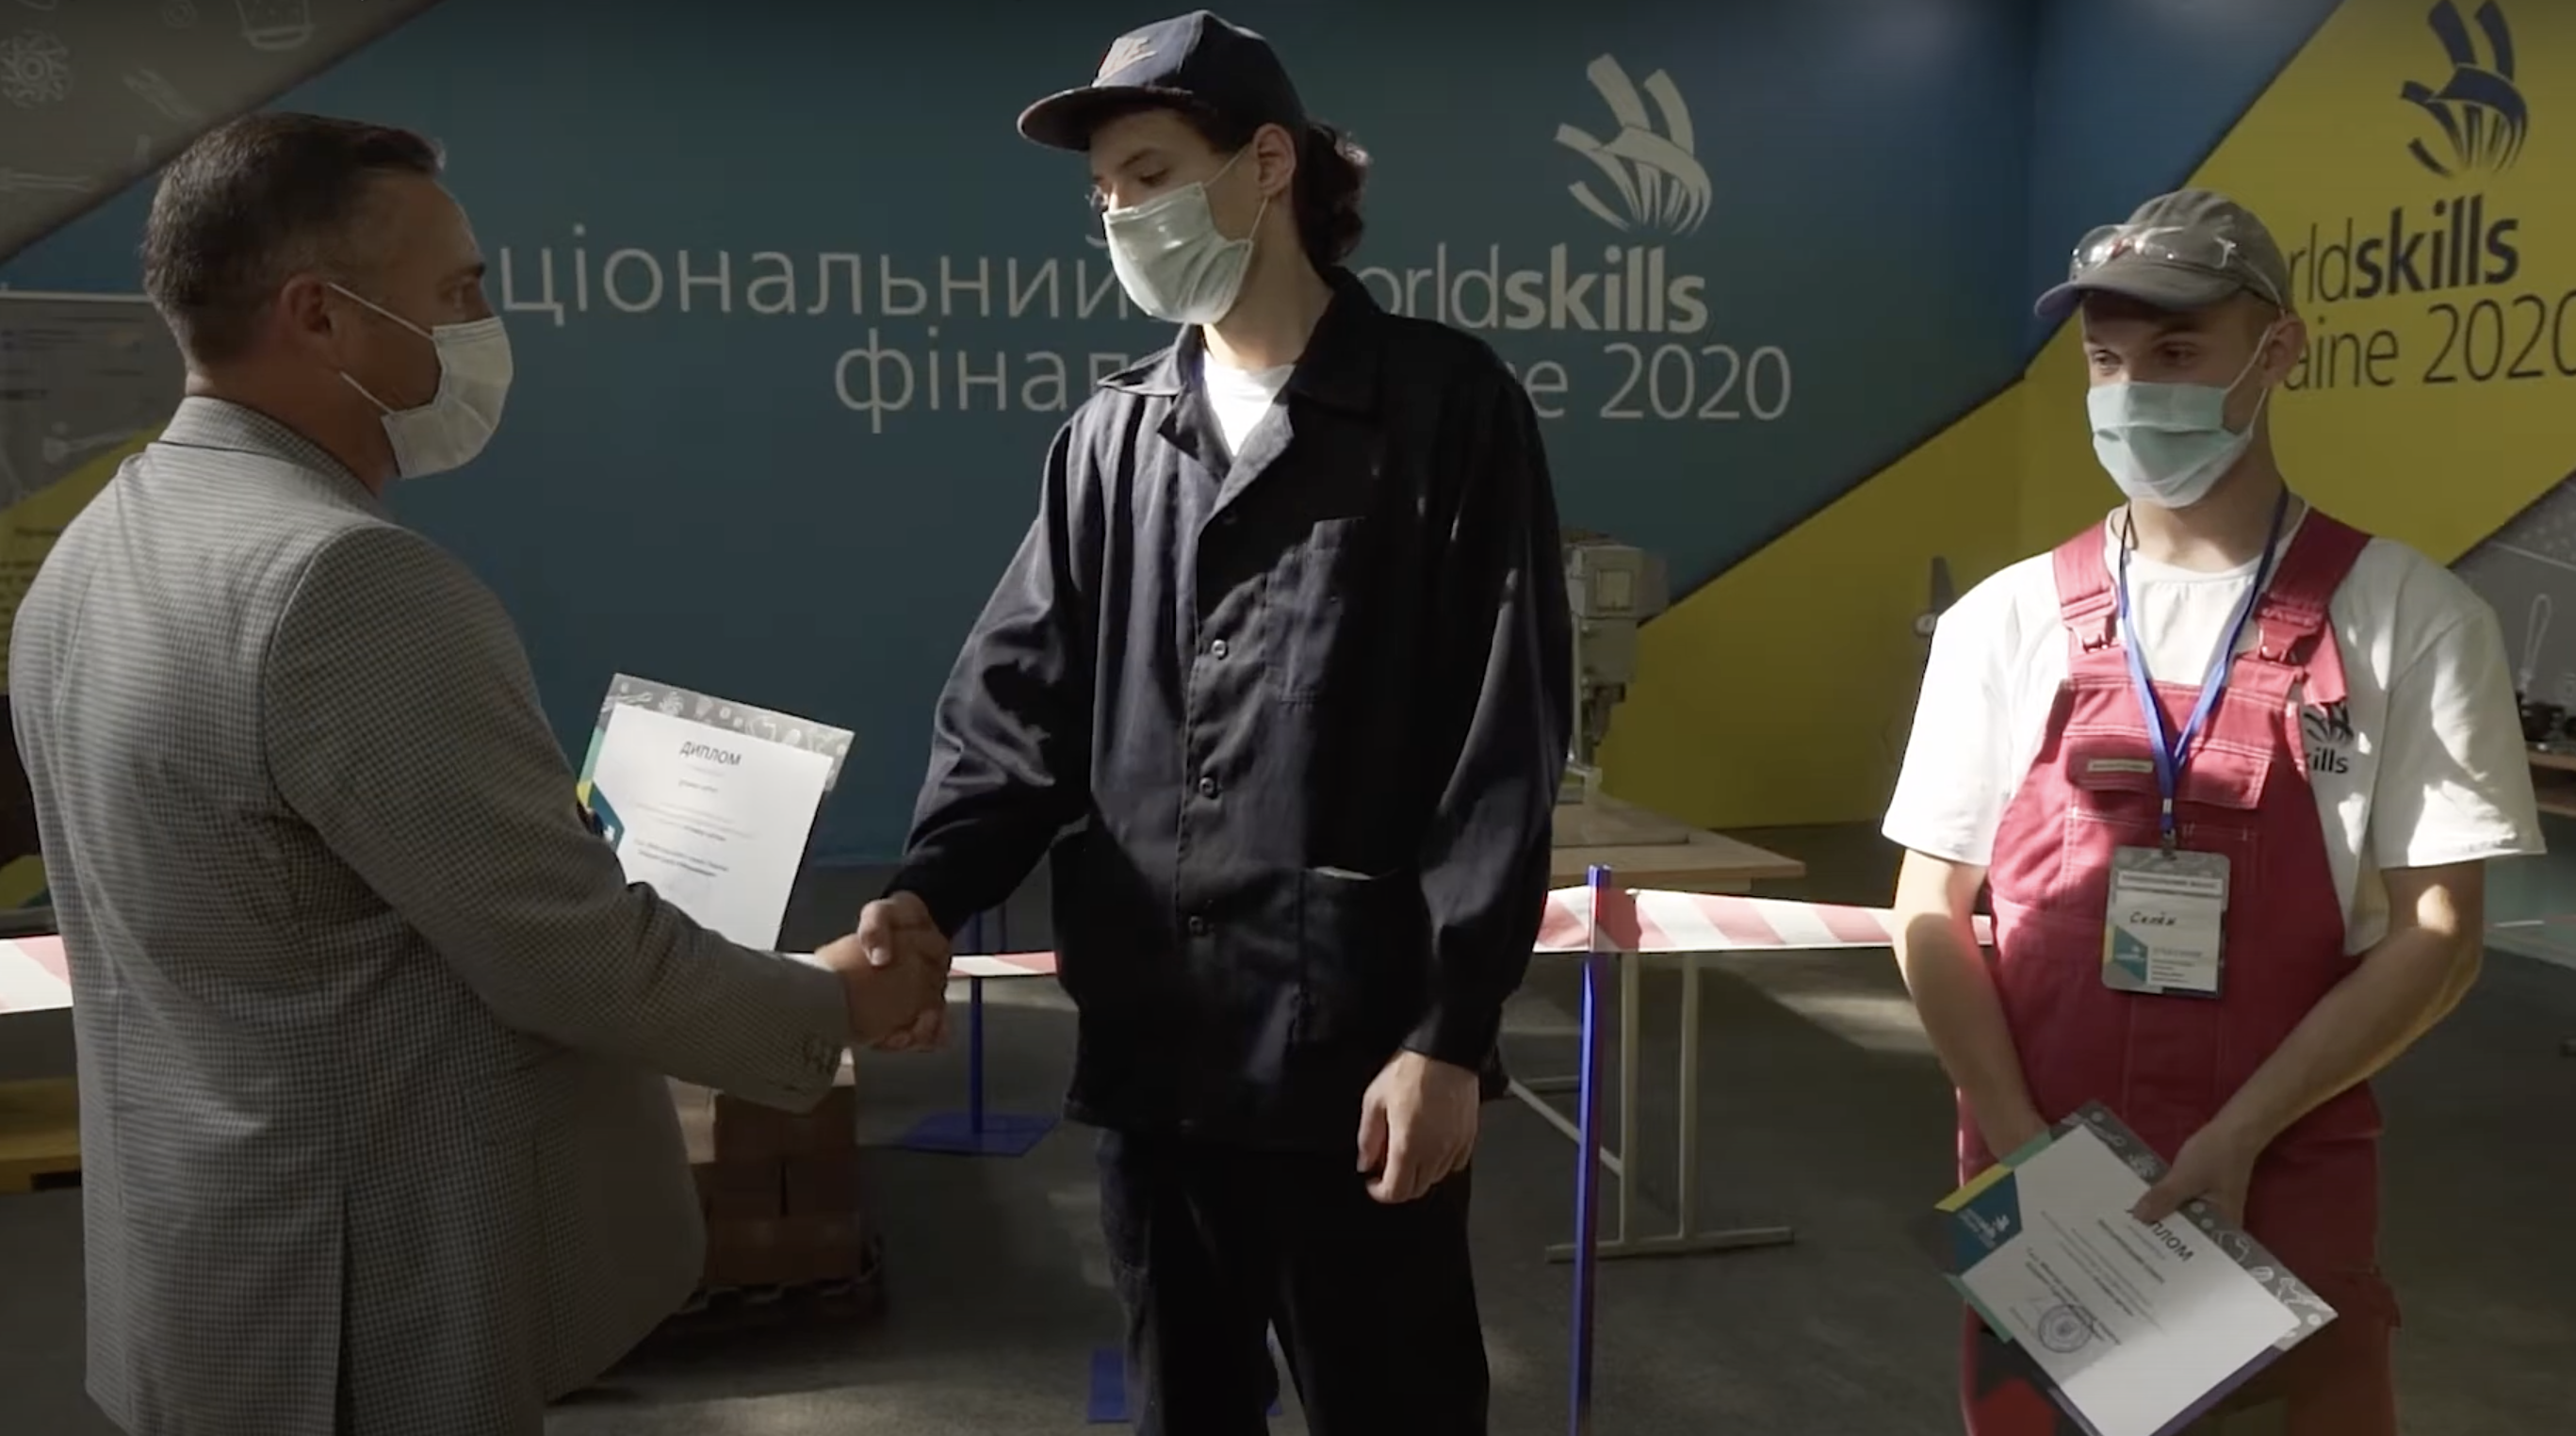 Перший конкурсний день в м. Запоріжжі. Фінал #WorldSkills Ukraine2020. Компетенції: «Зварювальні роботи», «Кладка цегли»